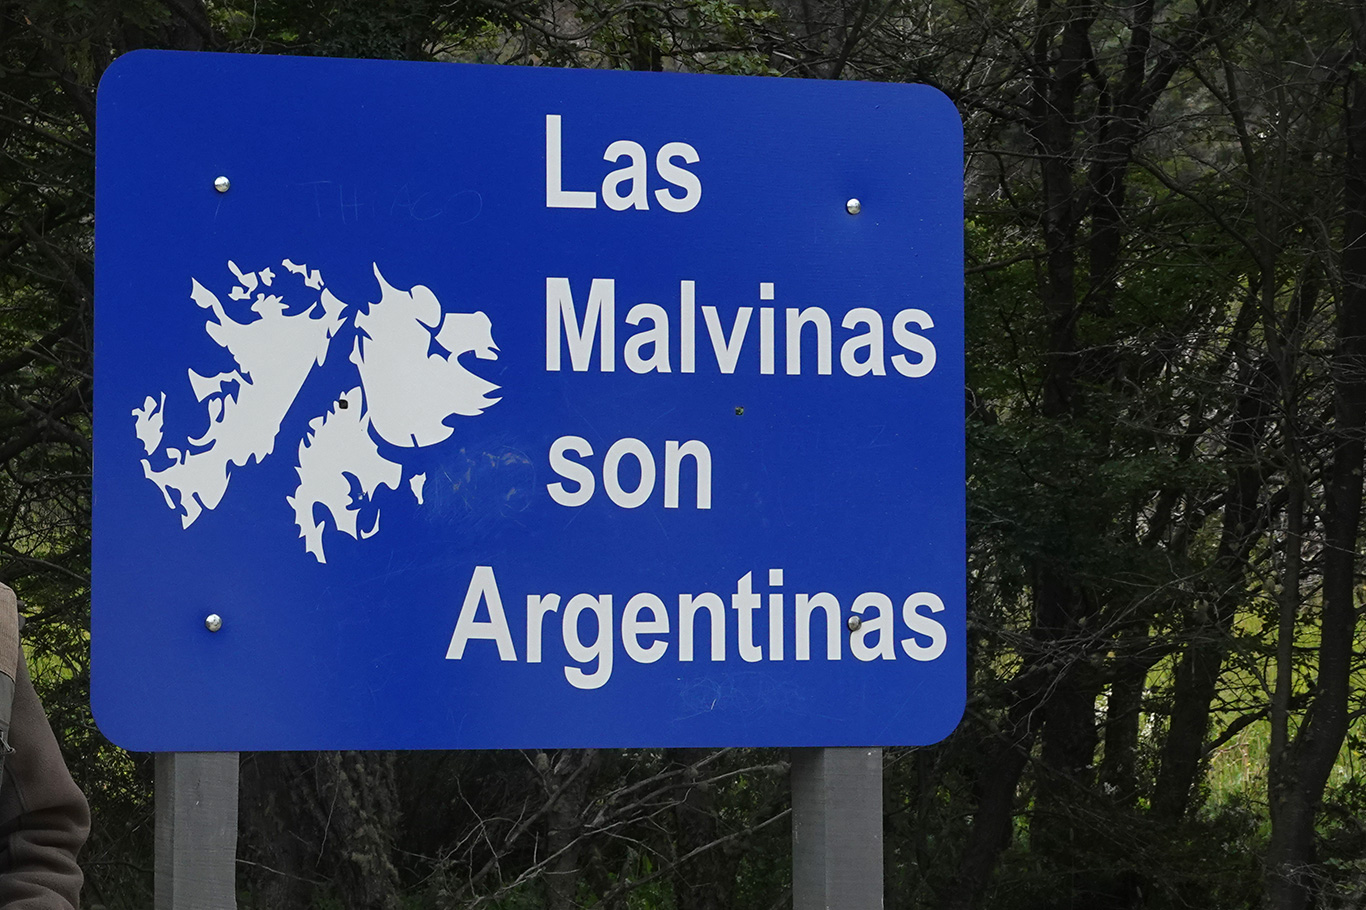 Malvinas sign in Tierra Del Fuego, Tierra Del Fuego, Argentina.